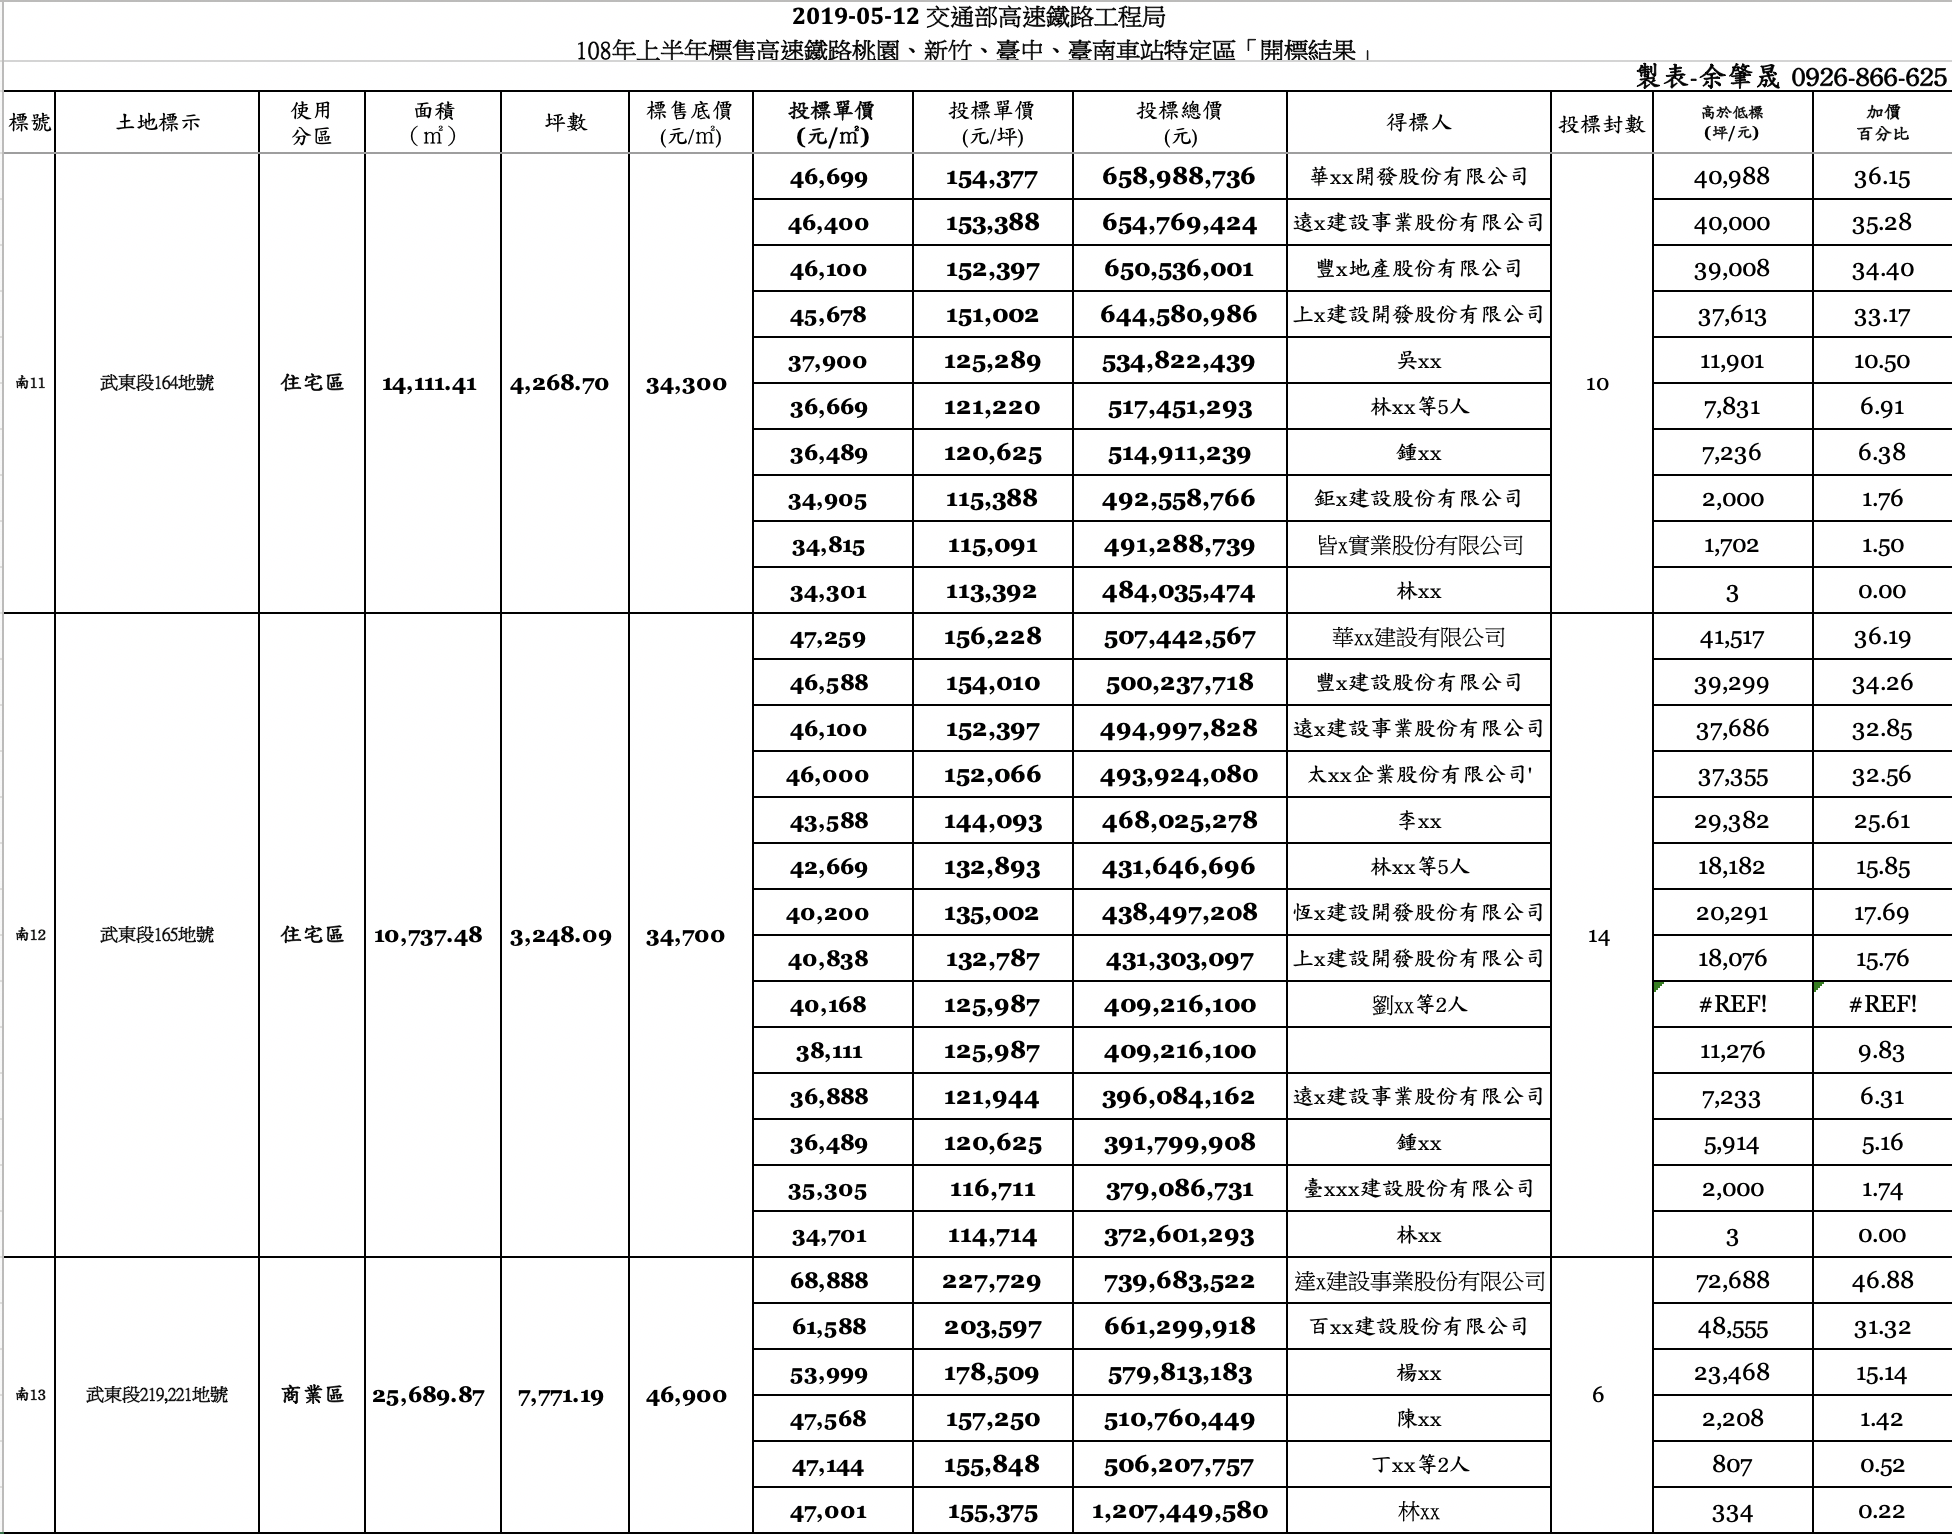 開標結果-明細3(黃帝不動產).png